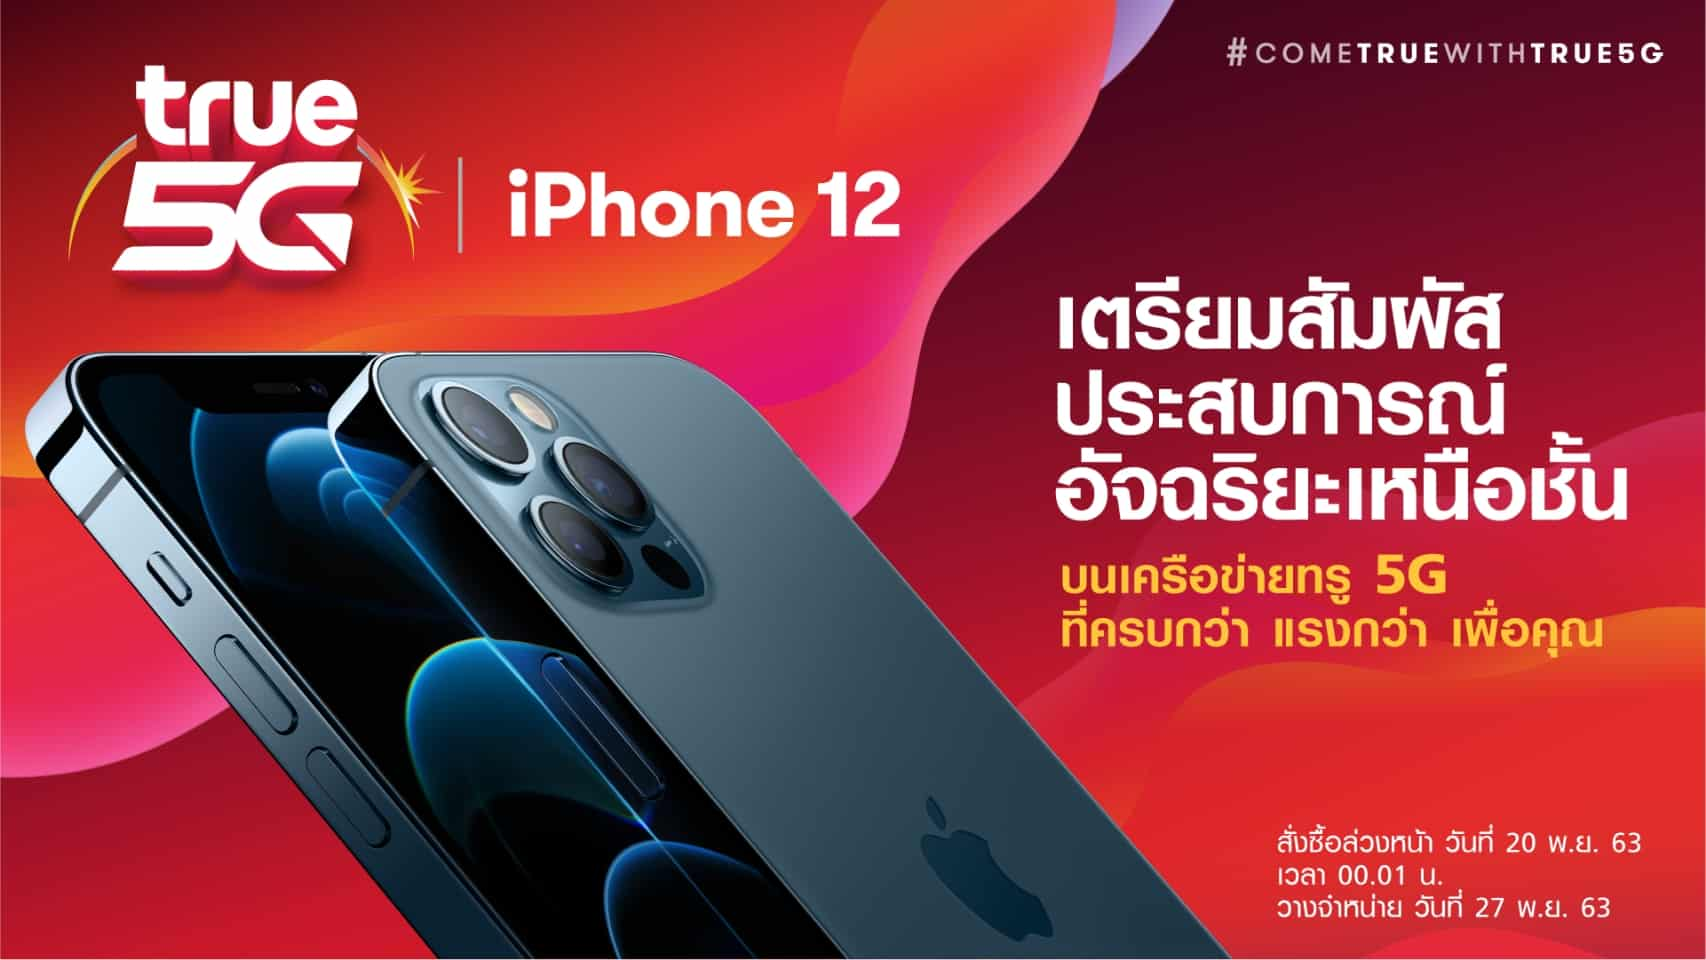 รูป TMH iPhone 12 5 ประกอบเนื้อหา ทรูมูฟ เอช เตรียมวางจำหน่าย iPhone 12 ใหม่ 20 พฤศจิกายน